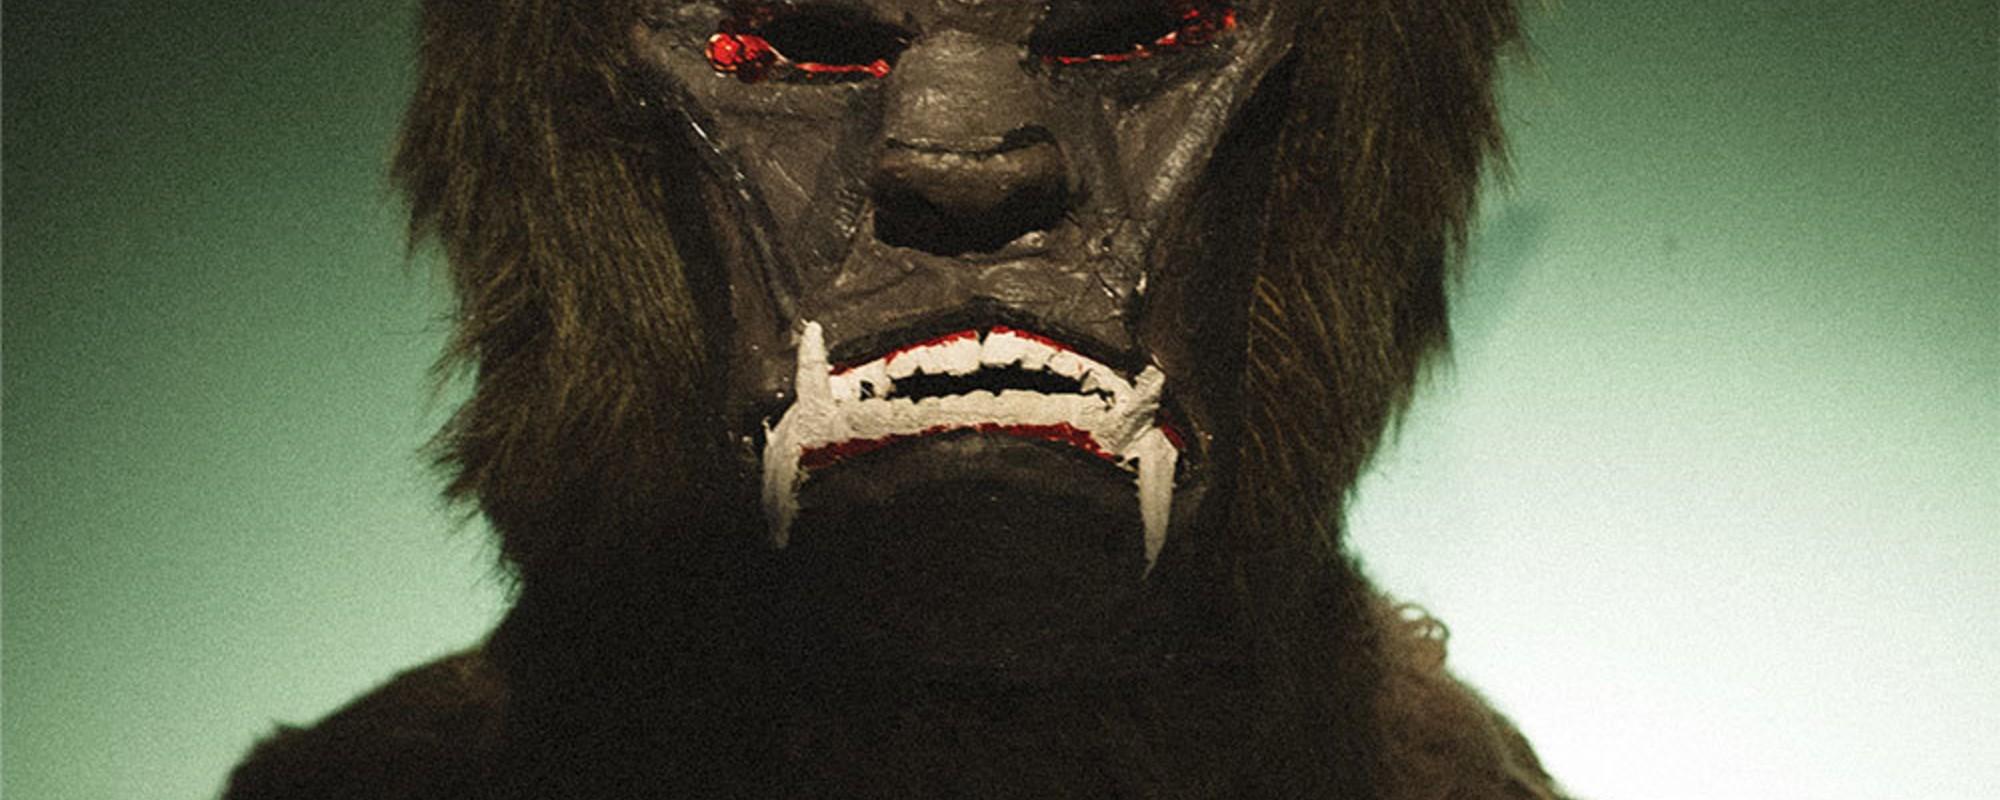 Zombies, Werwölfe und Puritaner im Horror-Stil der 1950er